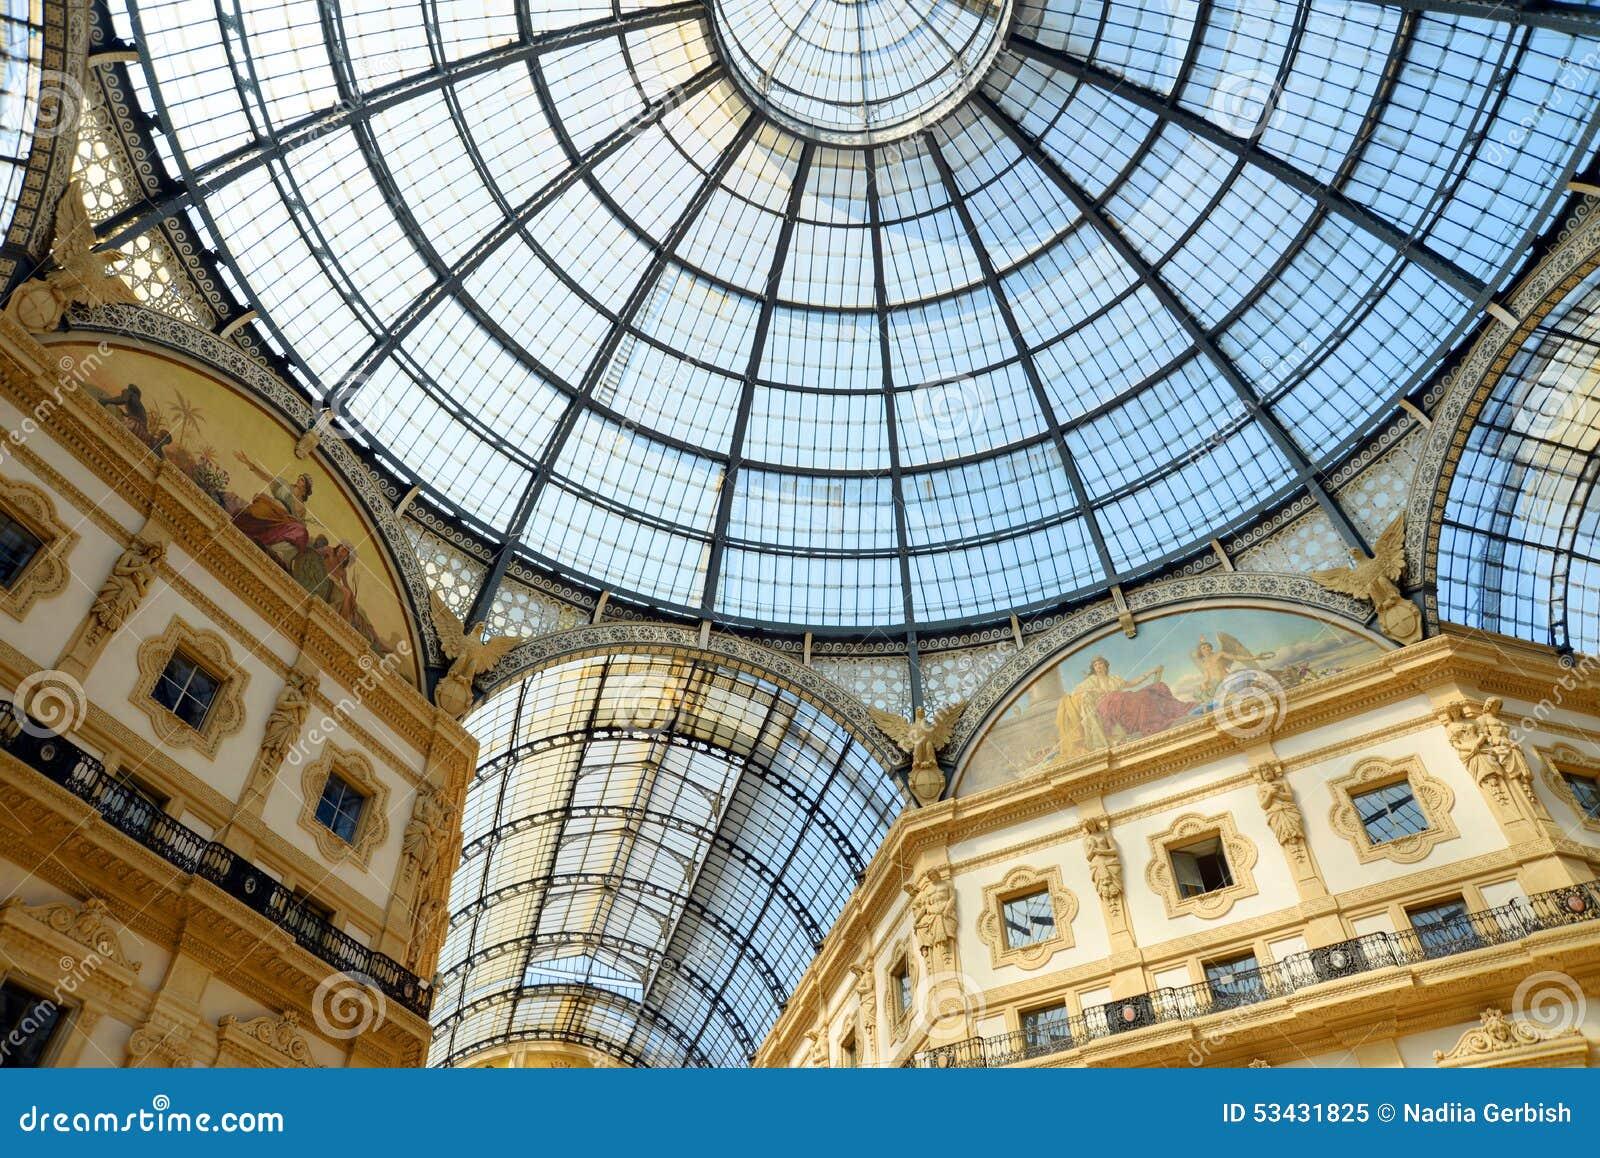 Emanuele galerii ii Milan vittorio